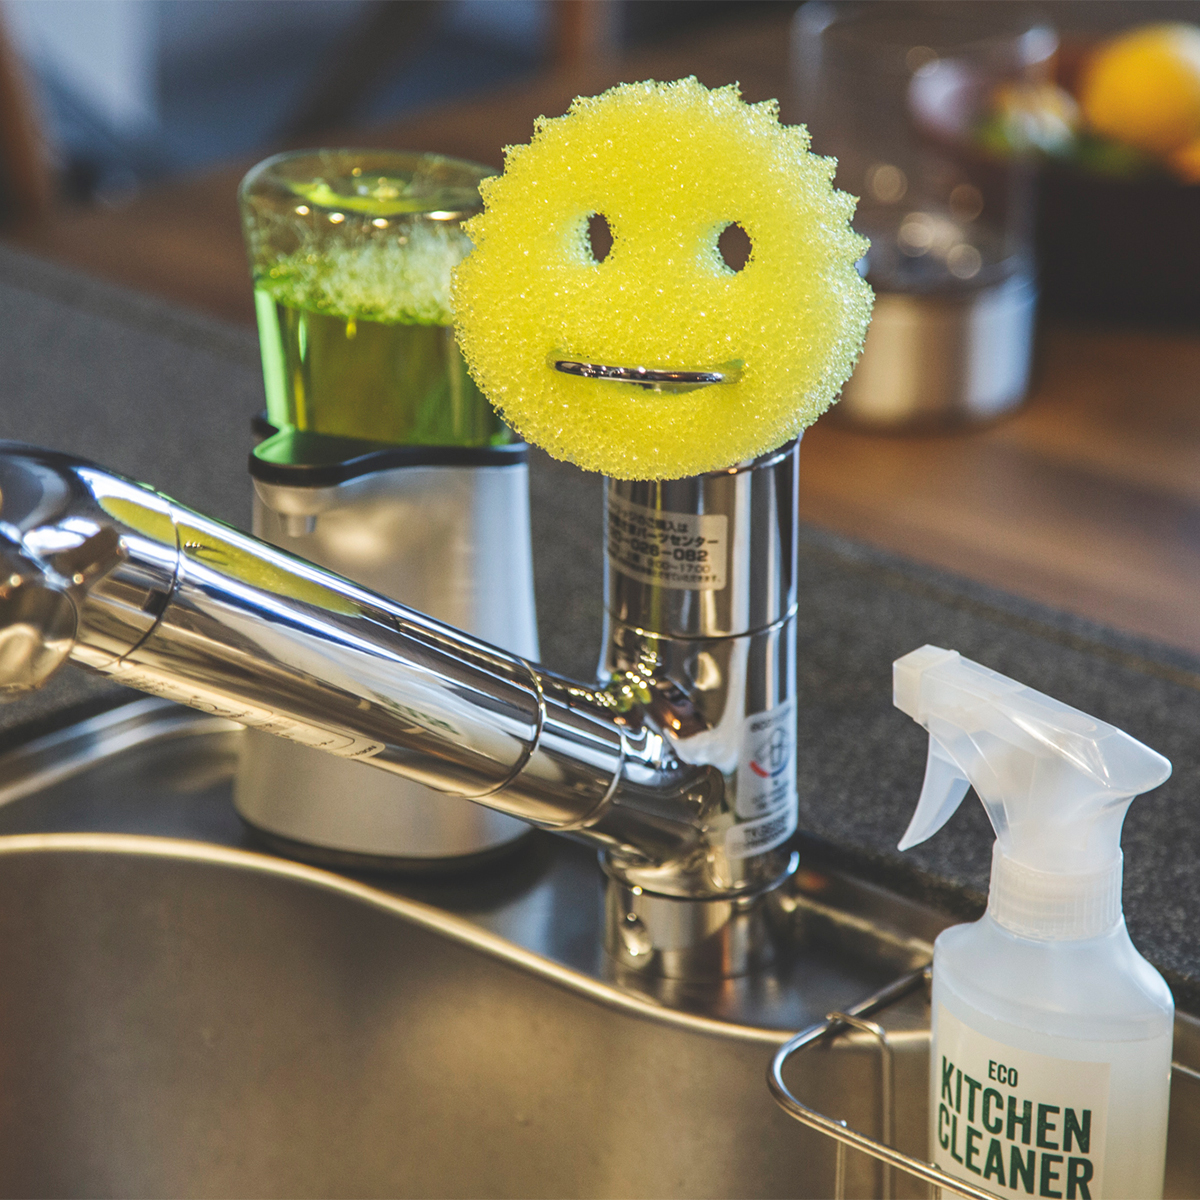 引っ掛け収納に|水切れ・汚れ落ちバツグン!水栓レバーにも掛けられて、収納ホルダー要らずの「洗浄スポンジ」|Scrub Daddy